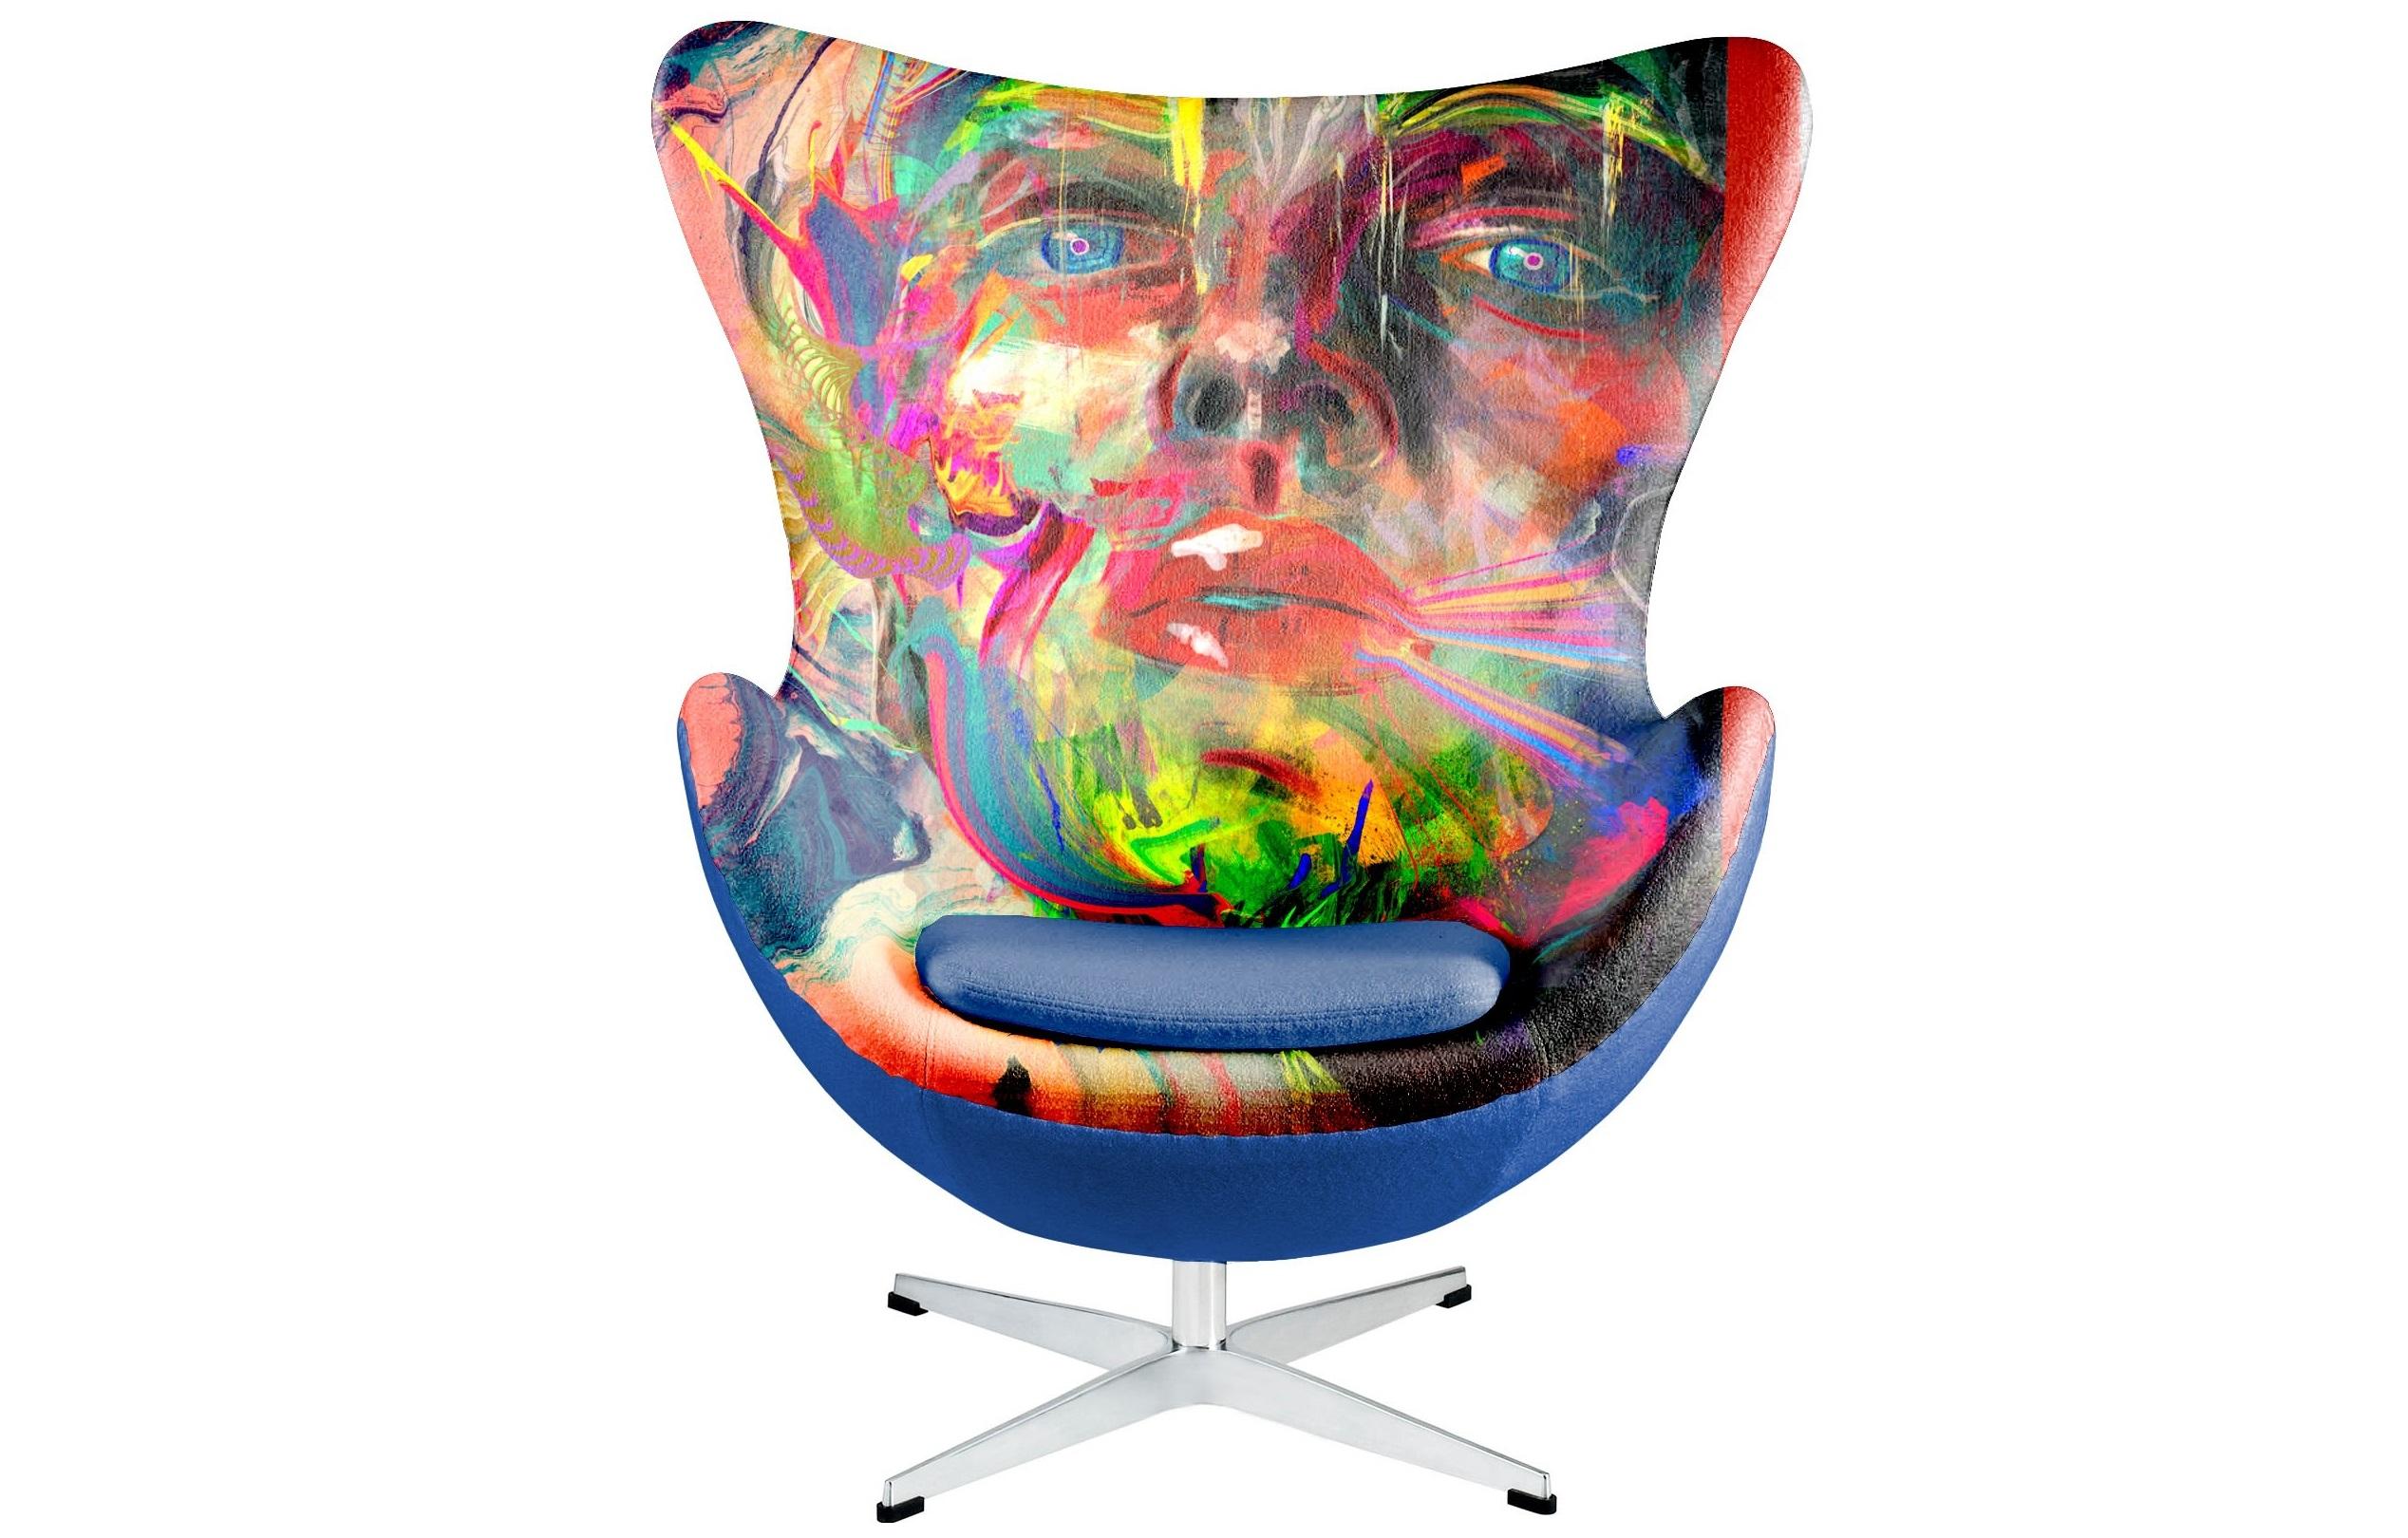 Кресло EGG Sweet AmberКожаные кресла<br>Уникальный дизайн. Кресло с притом супер талантливого и знаменитого во всем мире индийского художника Archan Nair / Арчан Наир. Он сотрудничал с многими людьми и разными компаниями во всем мире, такими как Canon, Nike, Tiger Beer, Sony и т.д. а теперь еще и с производтелями предметов интерьера ICON DESIGNE. Произвдено из экологически чистых материалов. Каркас - стекловолокно ,ножки  - металл. Модель представлена в ткани микровелюр – мягкий, бархатистый материал, широко используемый в качестве обивки для мебели. Обладает целым рядом замечательных свойств: отлично пропускает воздух, отталкивает пыль и долго сохраняет изначальный цвет, не протираясь и не выцветая. Высокие эксплуатационные свойства в сочетании с превосходным дизайном обеспечили микровелюру большую популярность.&amp;nbsp;Варианты исполнения: <br>По желанию возможность выбрать ткань из других коллекций.&amp;nbsp;Гарантия: от производителя 1 годГарантия от производителя&amp;nbsp;Материалы: береза, текстиль.&amp;nbsp;Продукция изготавливается под заказ, стандартный срок производства 3-4 недели.&amp;nbsp;Более точную информацию уточняйте у менеджера.<br><br>kit: None<br>gender: None